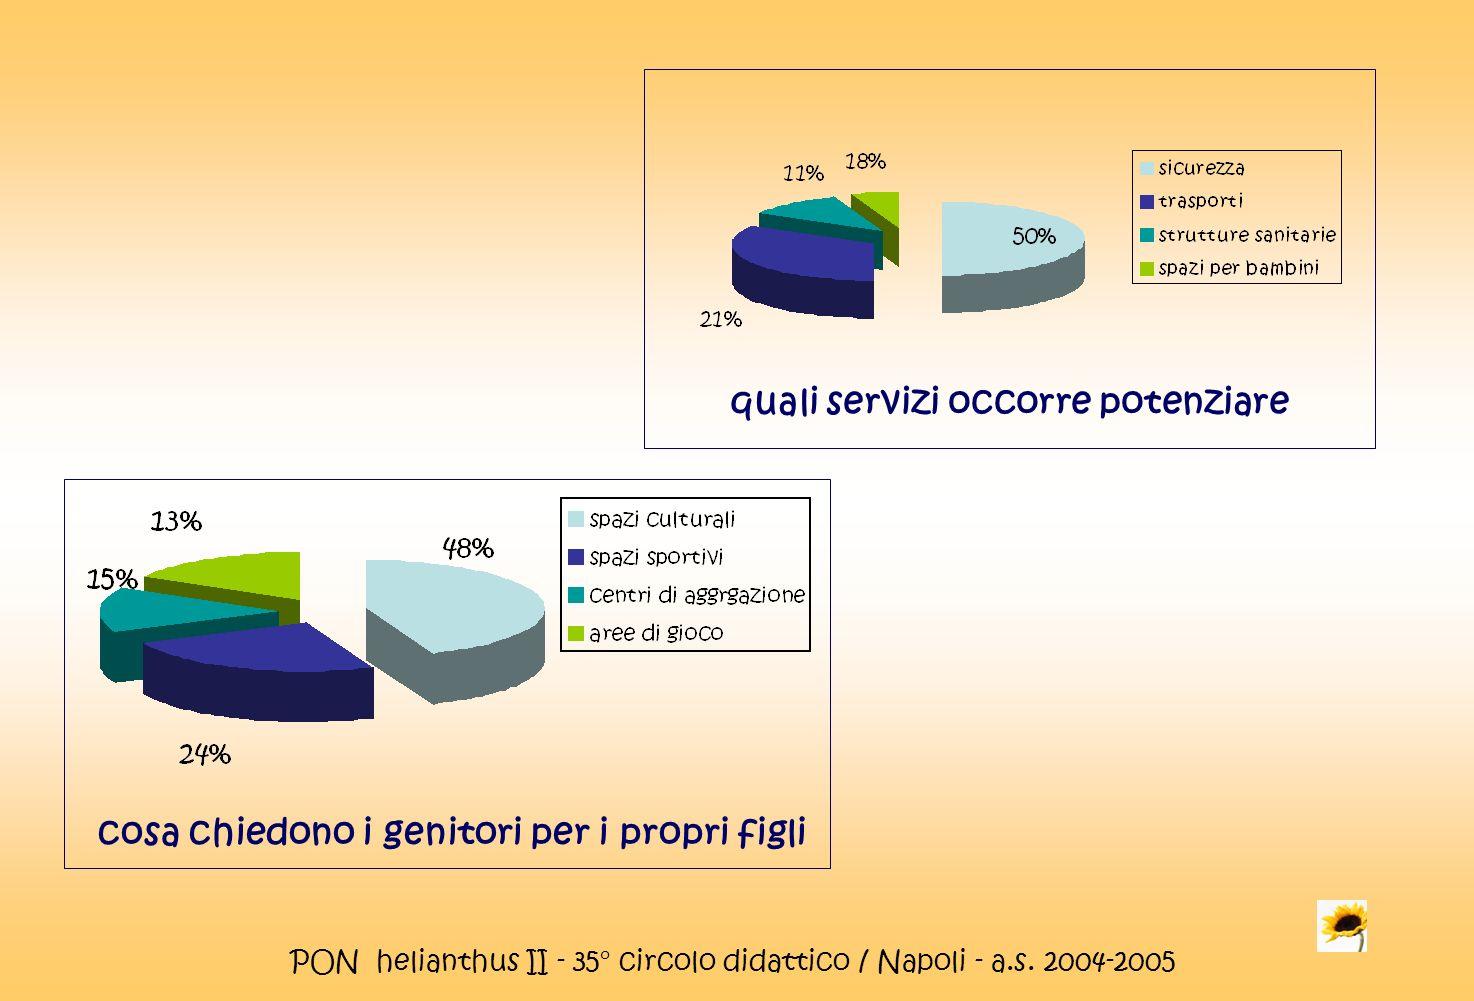 PON helianthus II - 35° circolo didattico / Napoli - a.s. 2004-2005 cosa chiedono i genitori per i propri figli quali servizi occorre potenziare